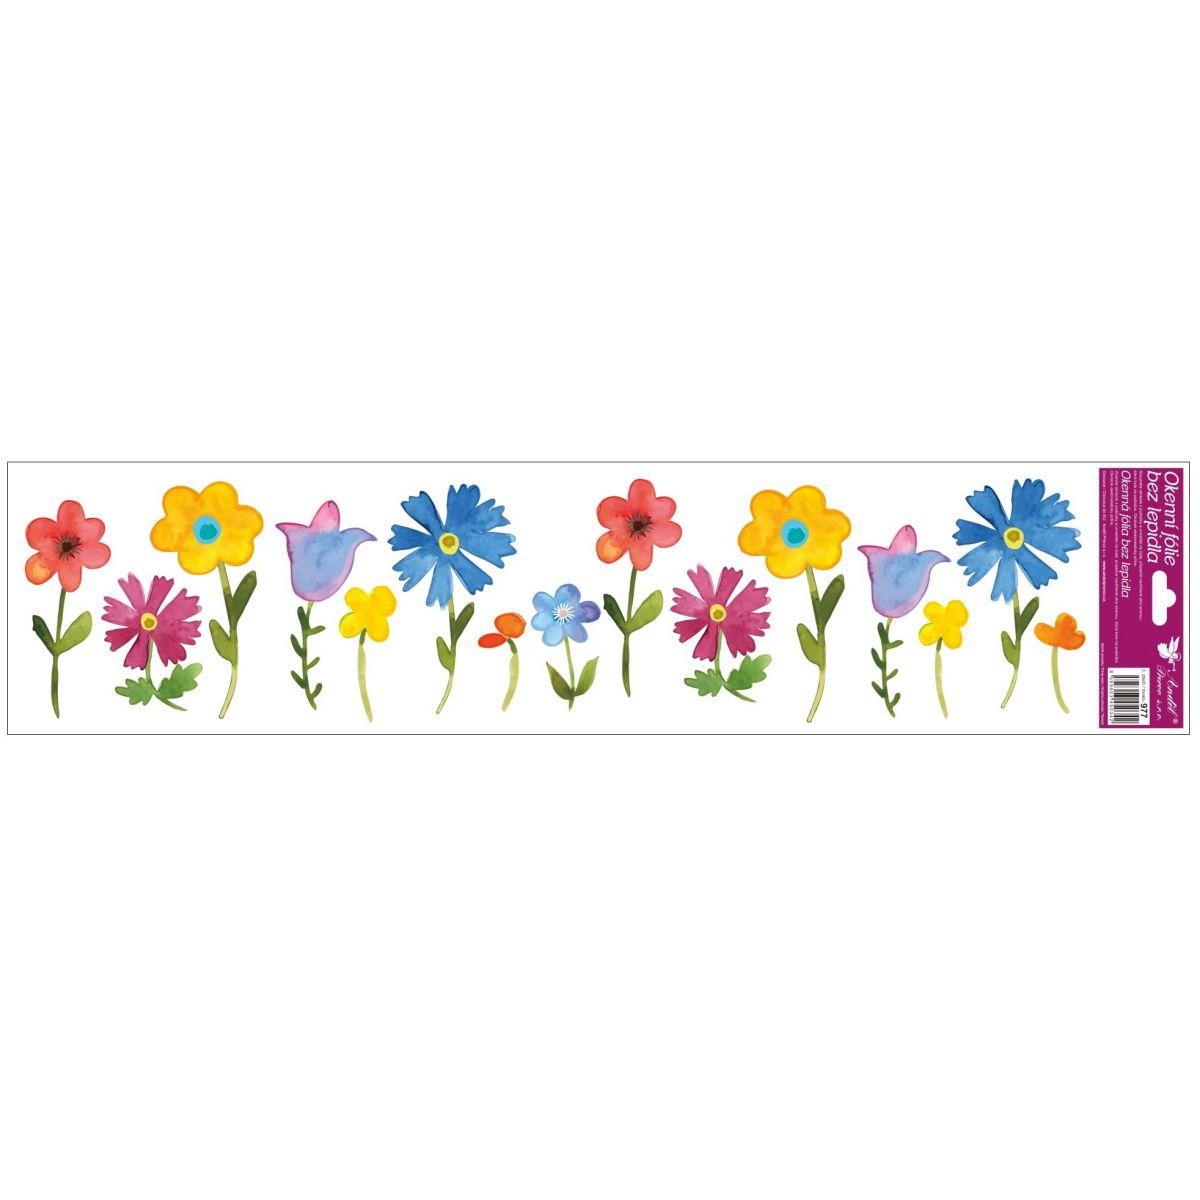 Okenné fólie pruhy s kvetmi 64x15 cm farebné kvety